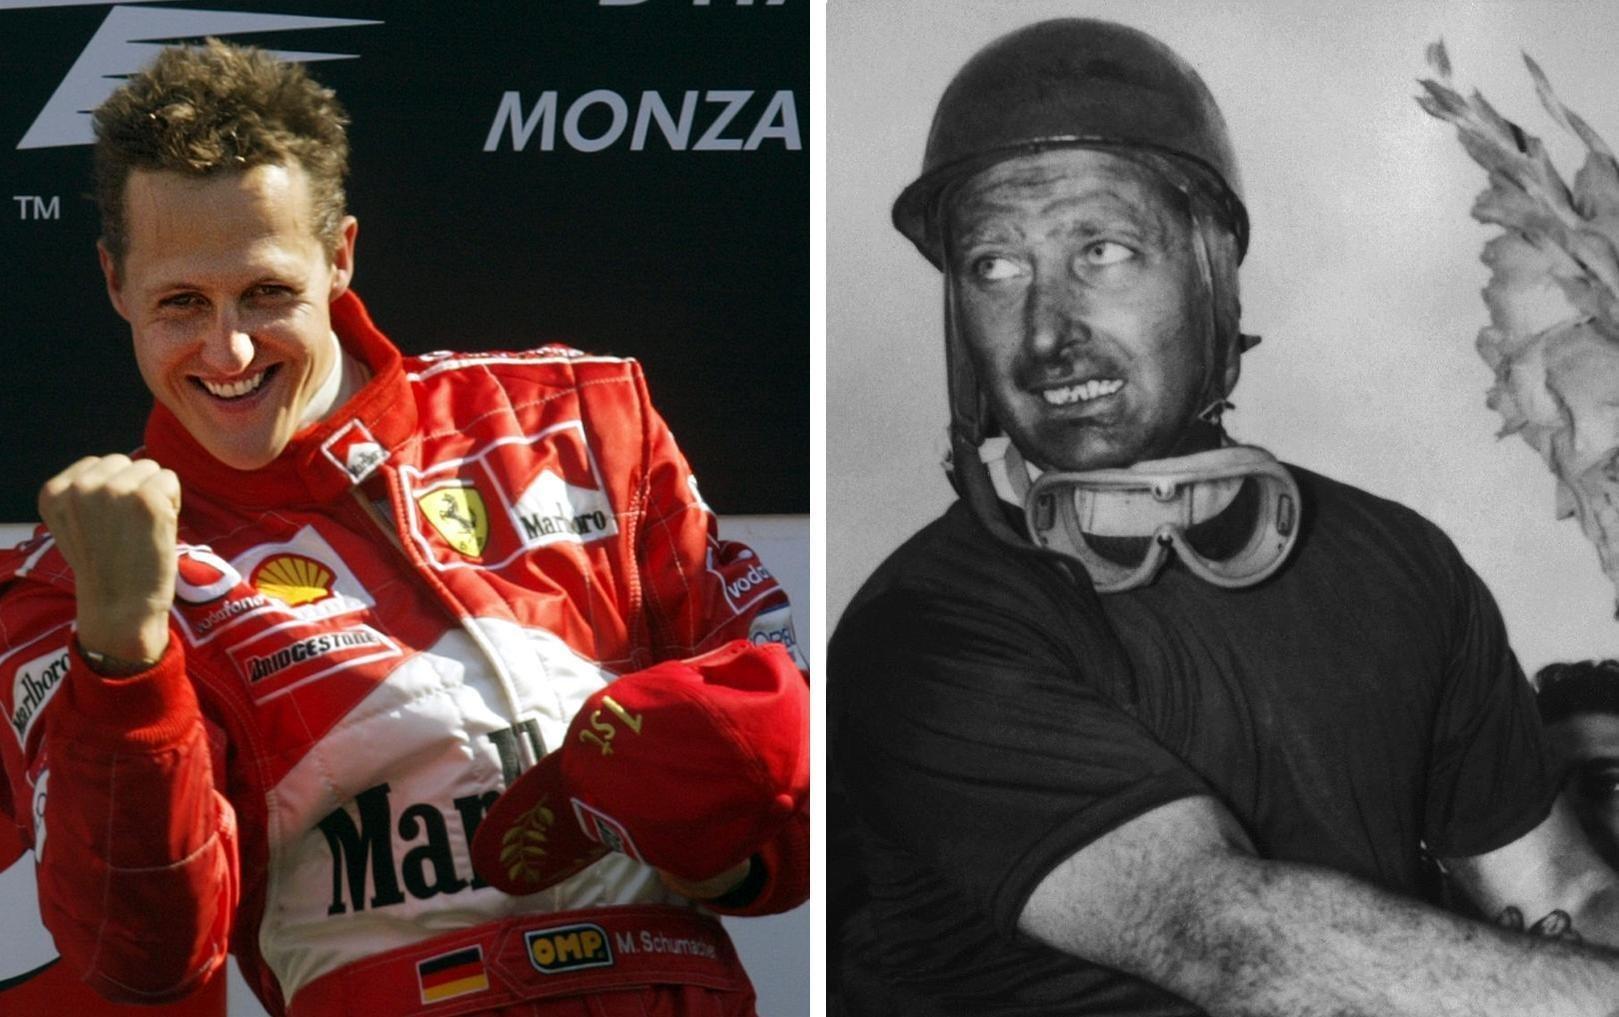 Michael Schumacher, piloto alemán de Formula 1, y Juan Manuel Fangio, mítico piloto argentino